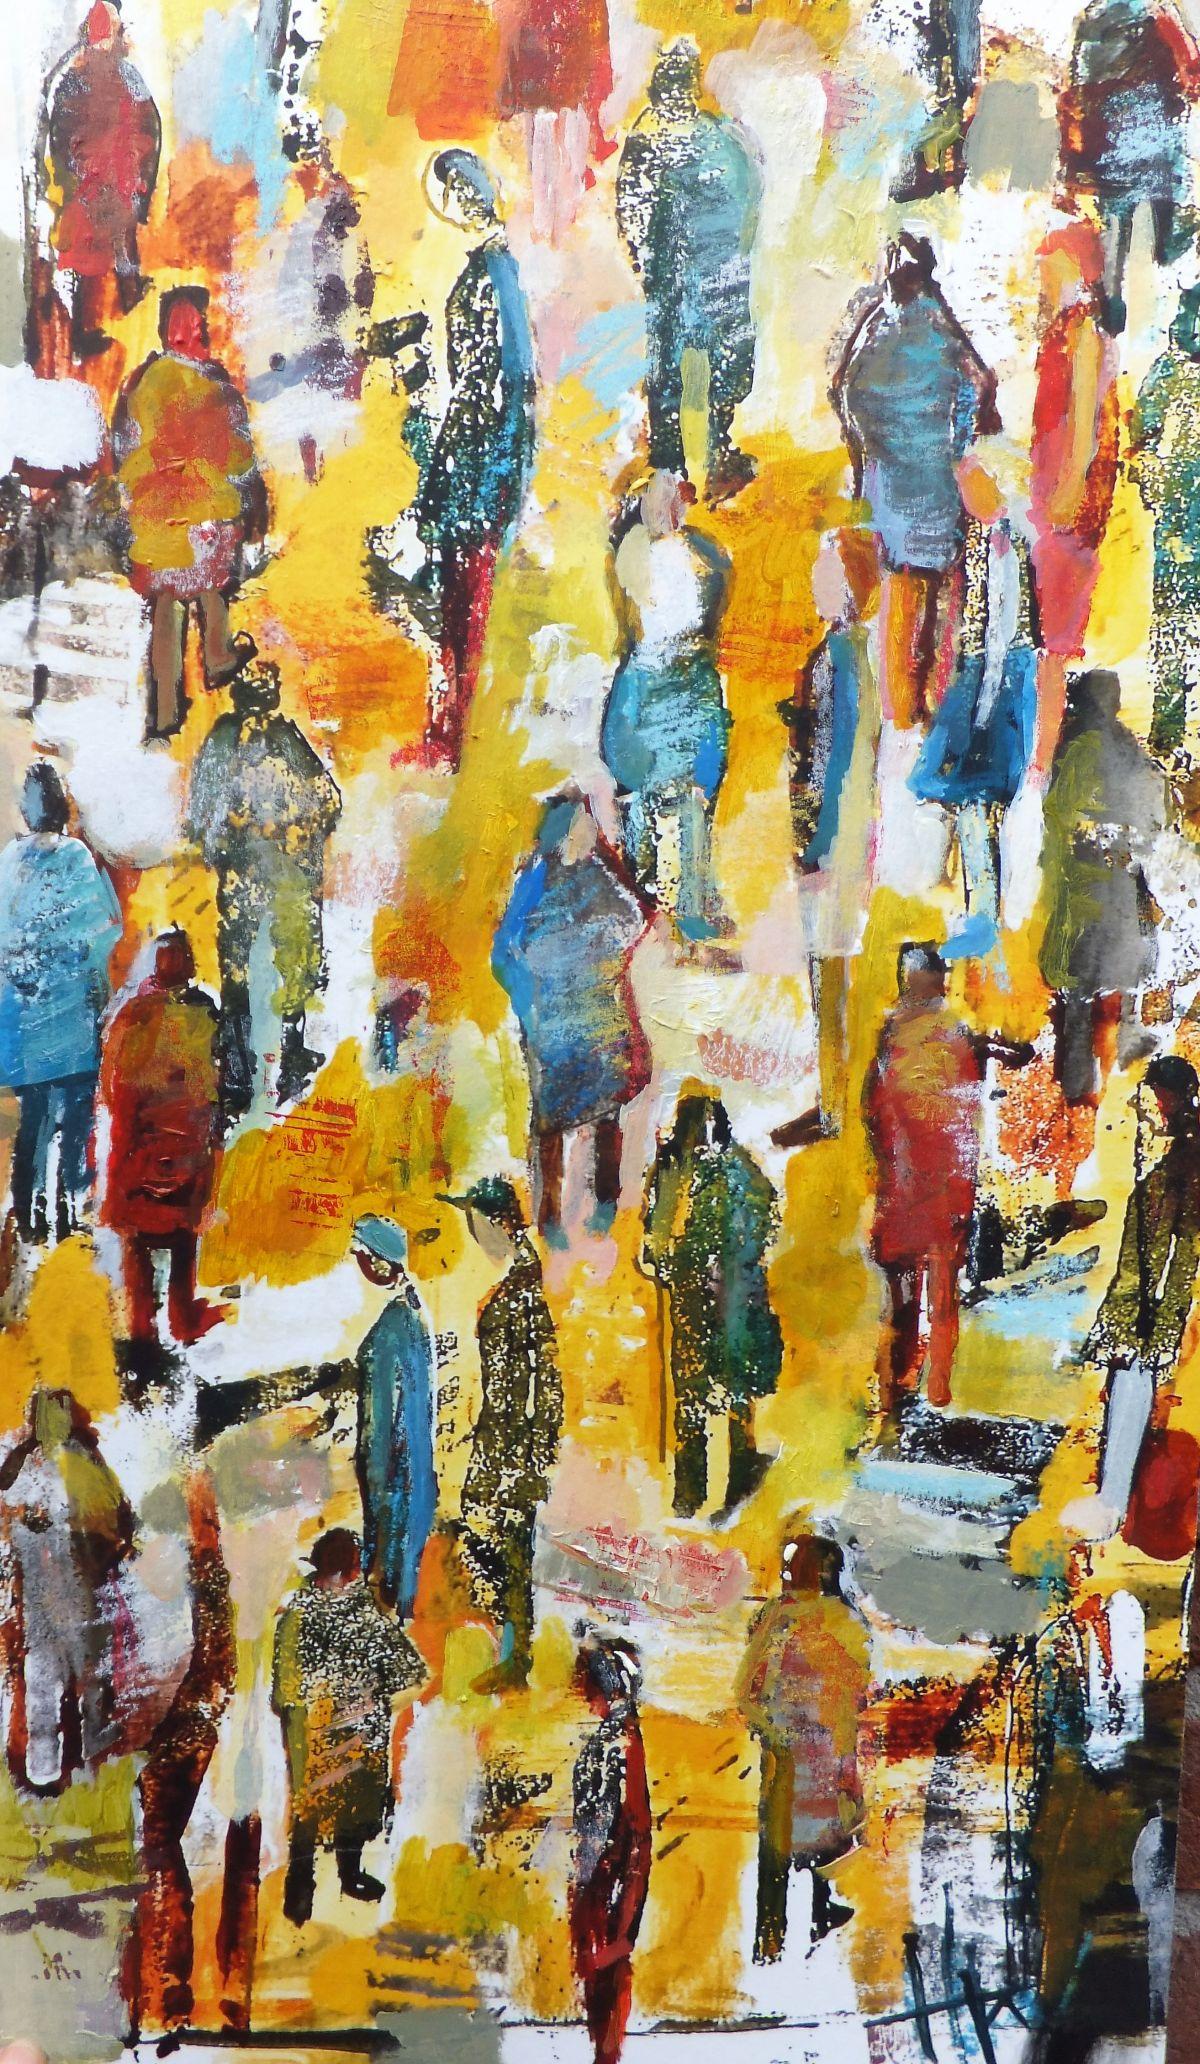 Kunst: plein van kunstenaar Heleen Wilke